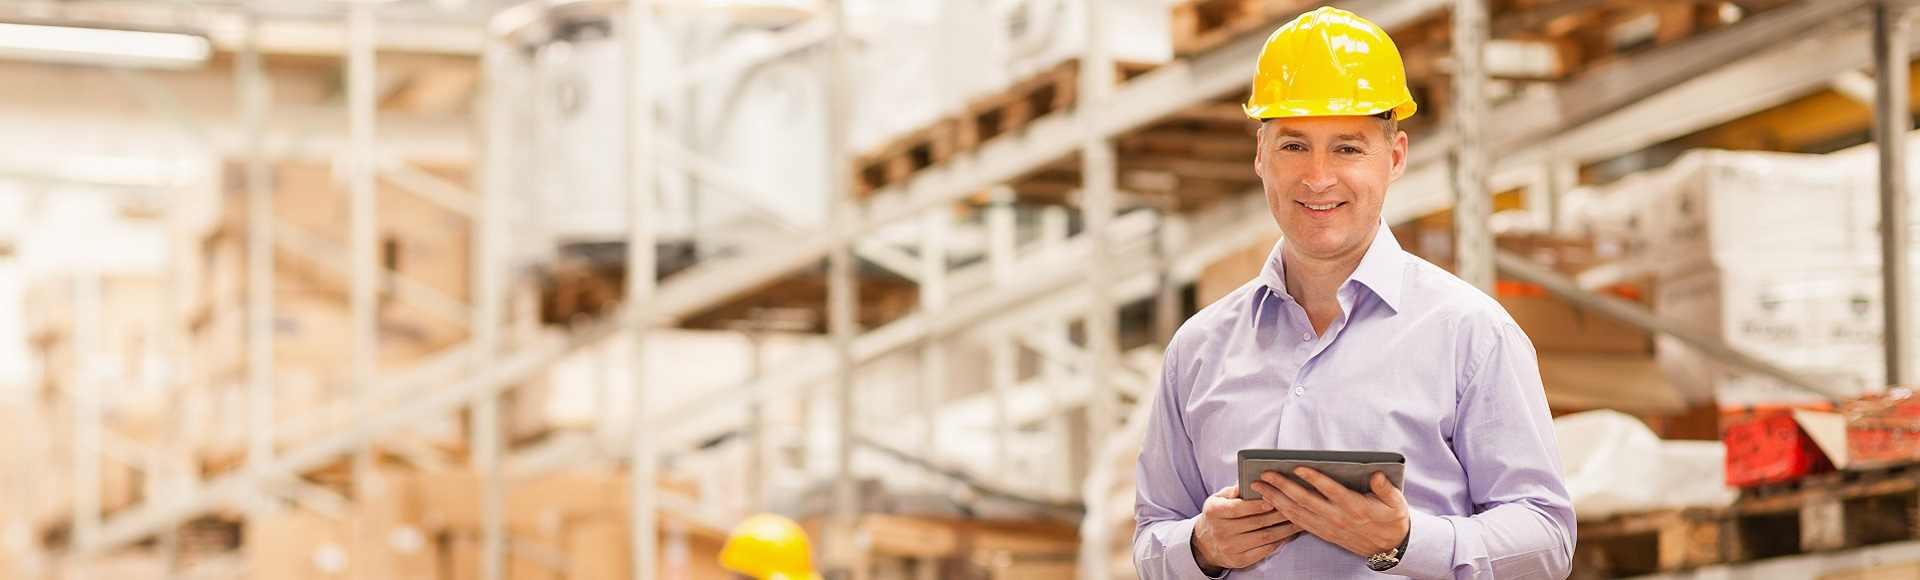 Lager und Logistik Software von SAP für kleine Unternehmen